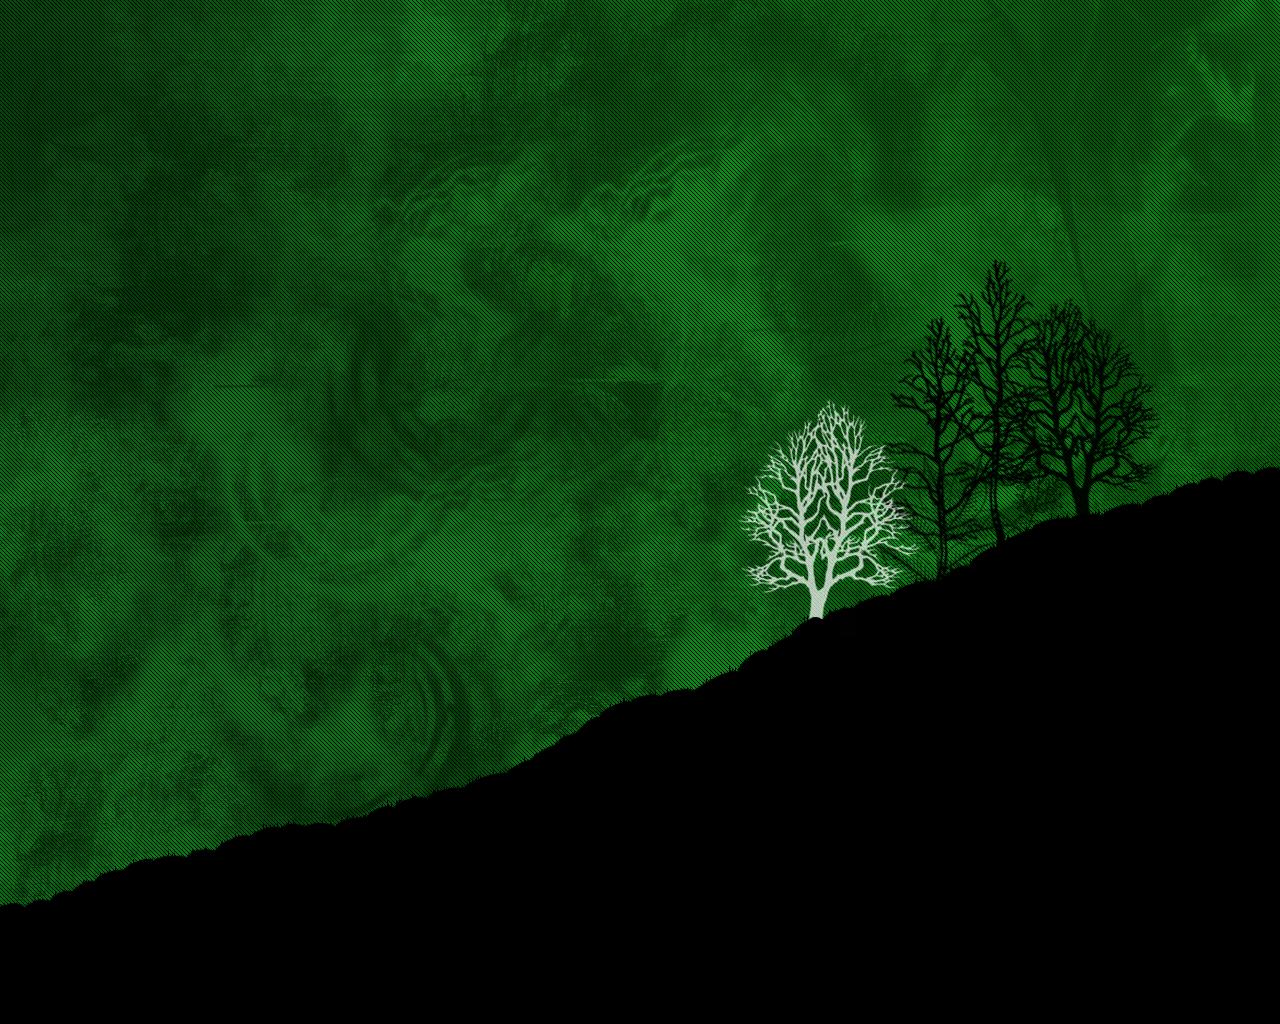 wallpaper green black by z3r0 421 customization wallpaper minimalistic 1280x1024